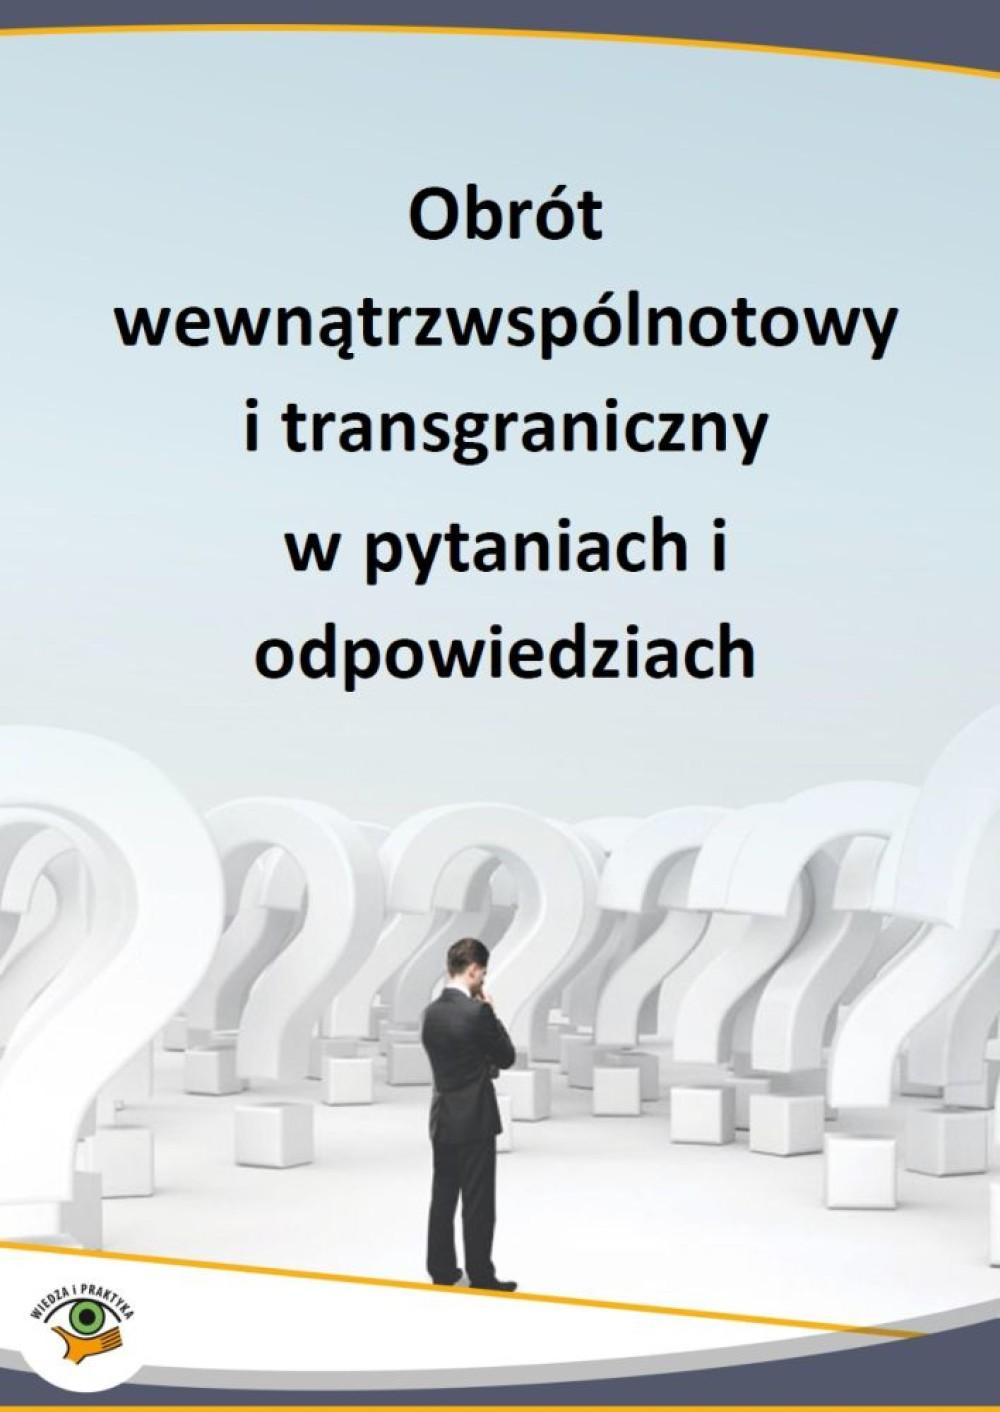 Obrót wewnątrzwspólnotowy i transgraniczny w pytaniach i odpowiedziach ebook